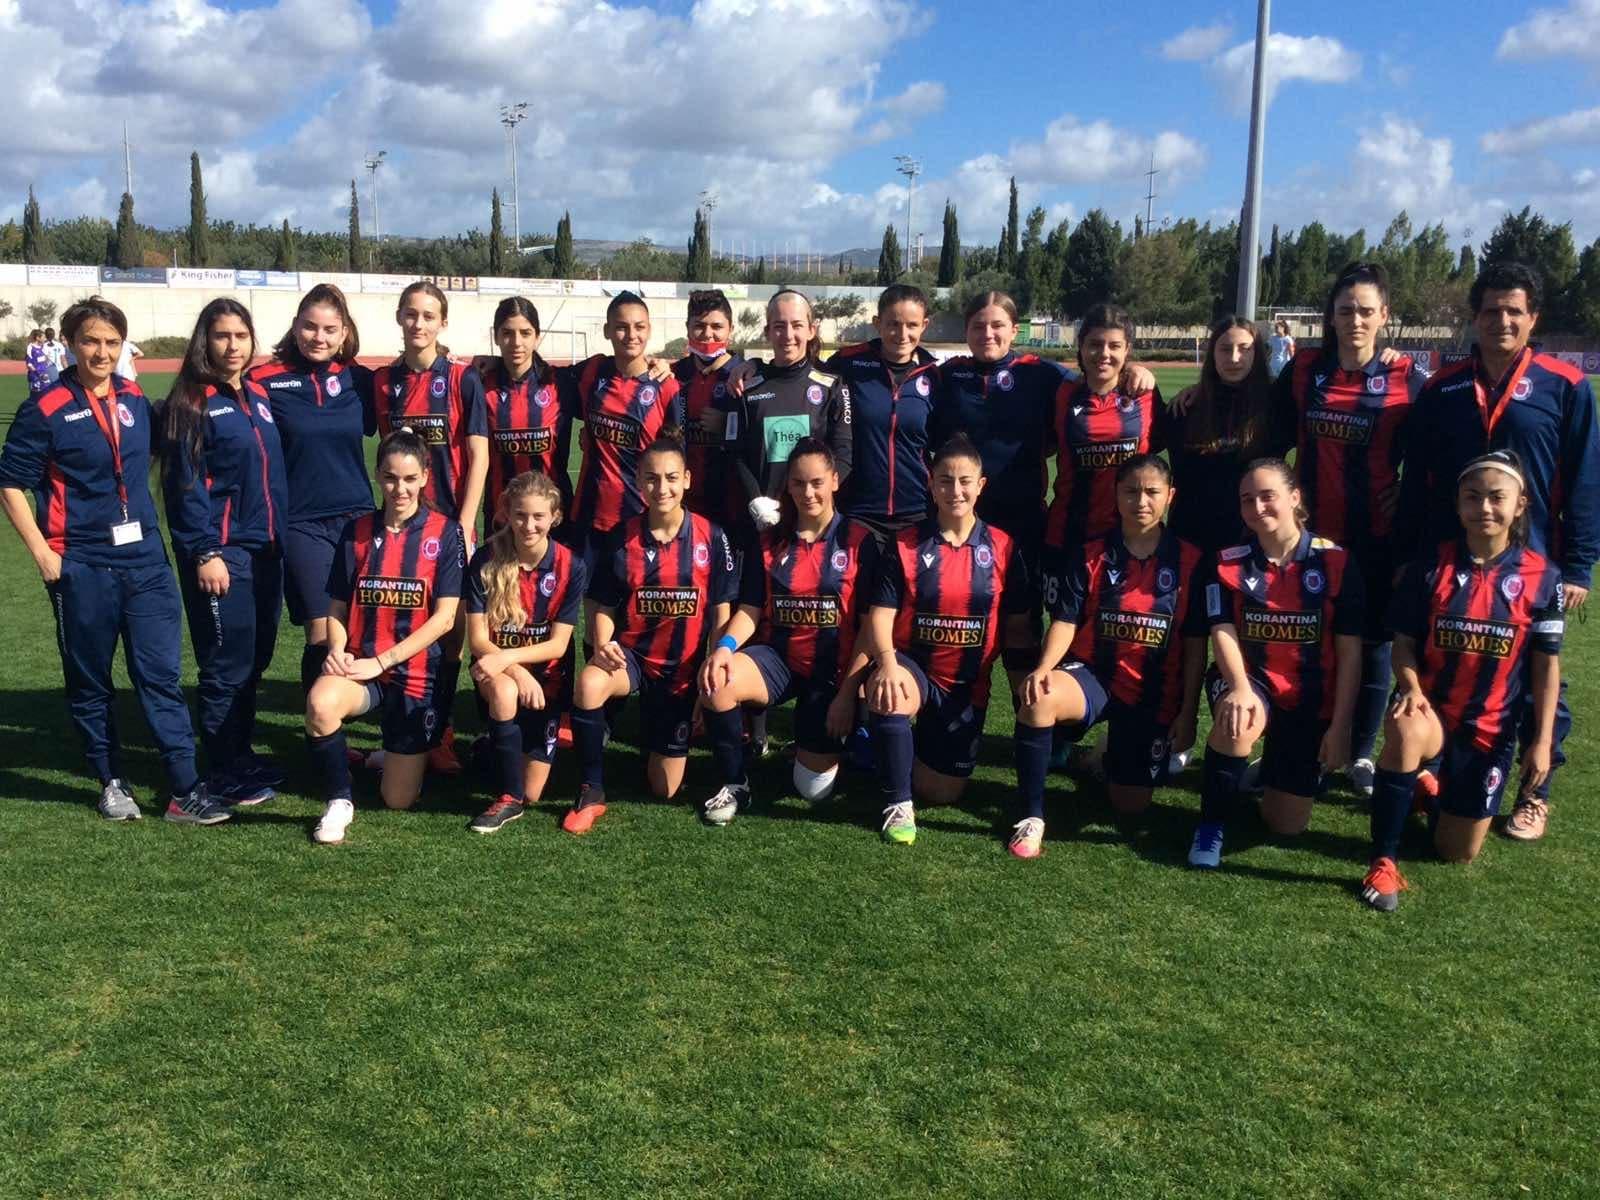 Πρεμιέρα στην Β' φάση για τις Ladies της Γεροσκήπου FC